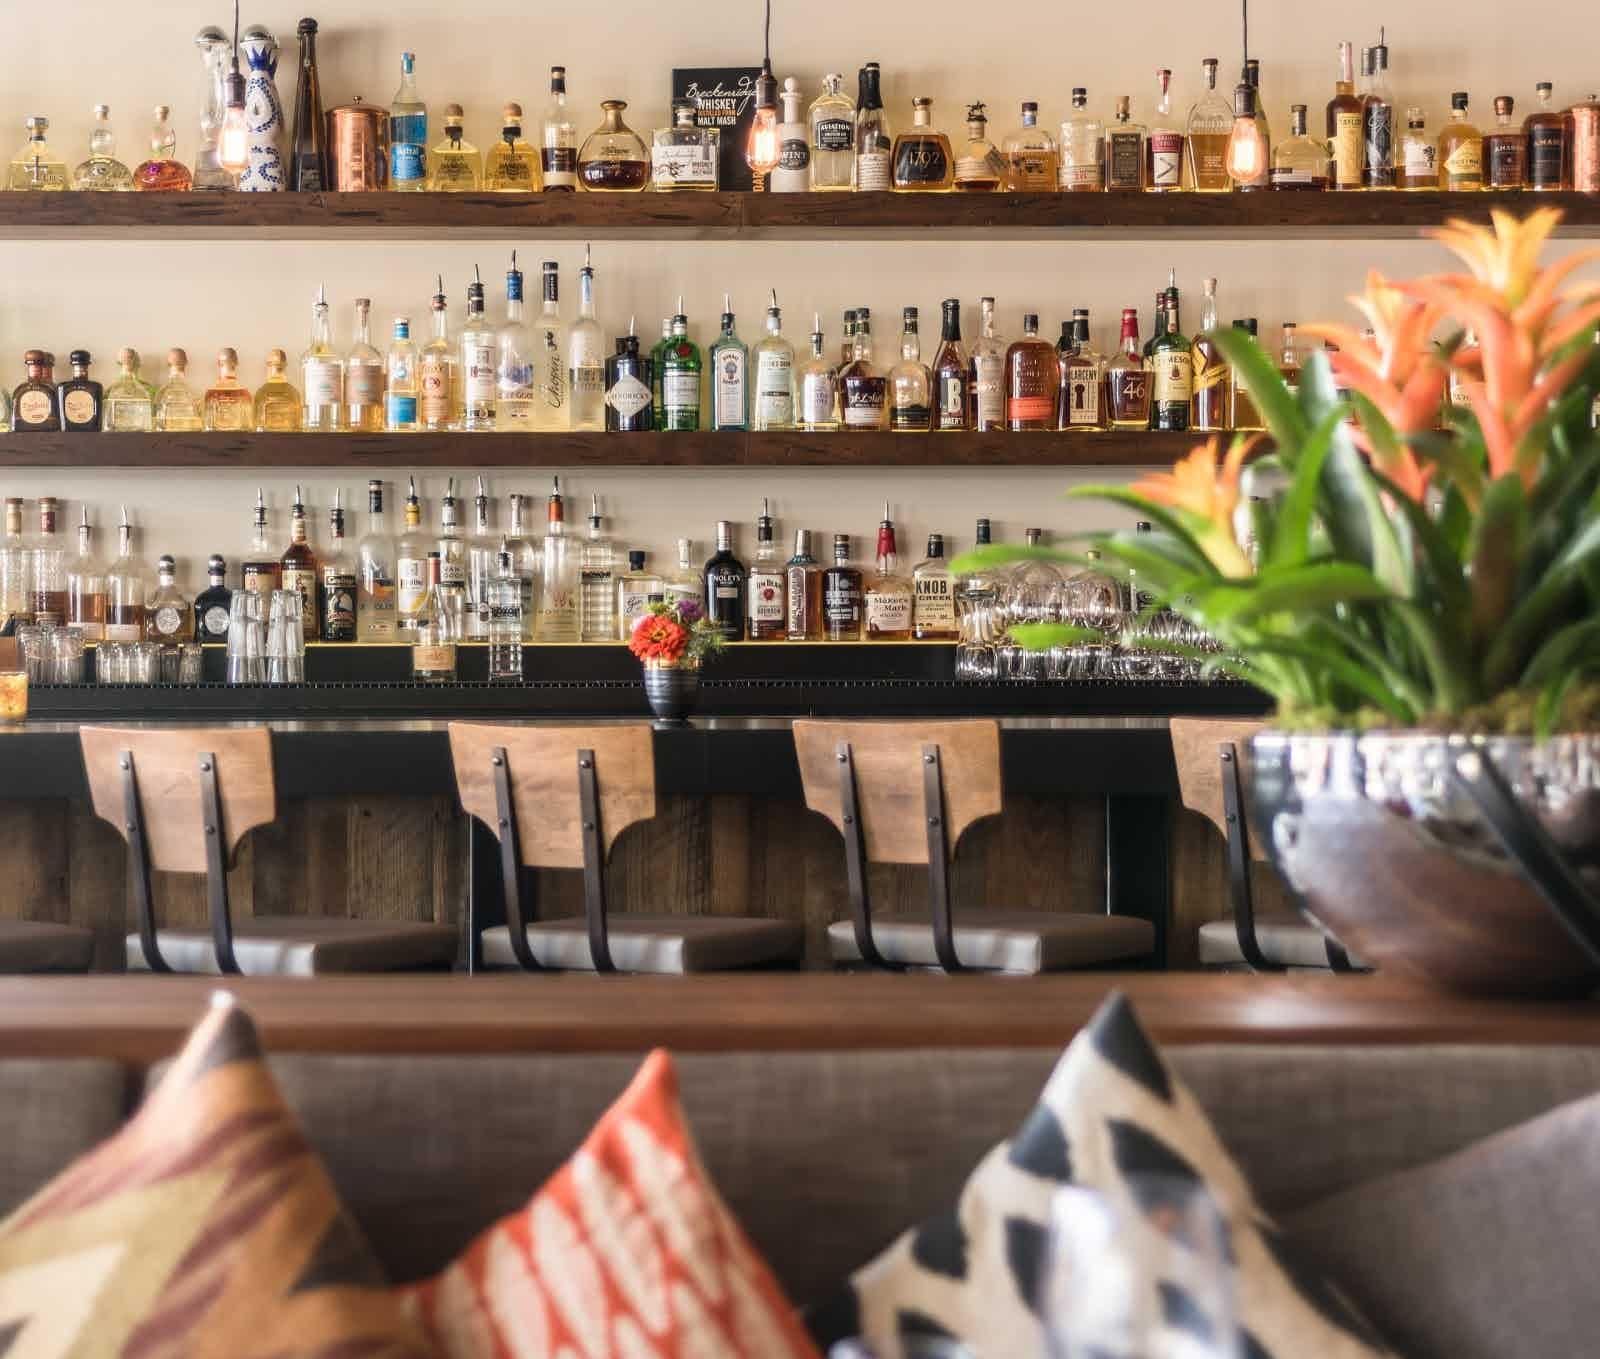 Charmant Aspen Kitchen   Aspen   Restaurant Review   Zagat